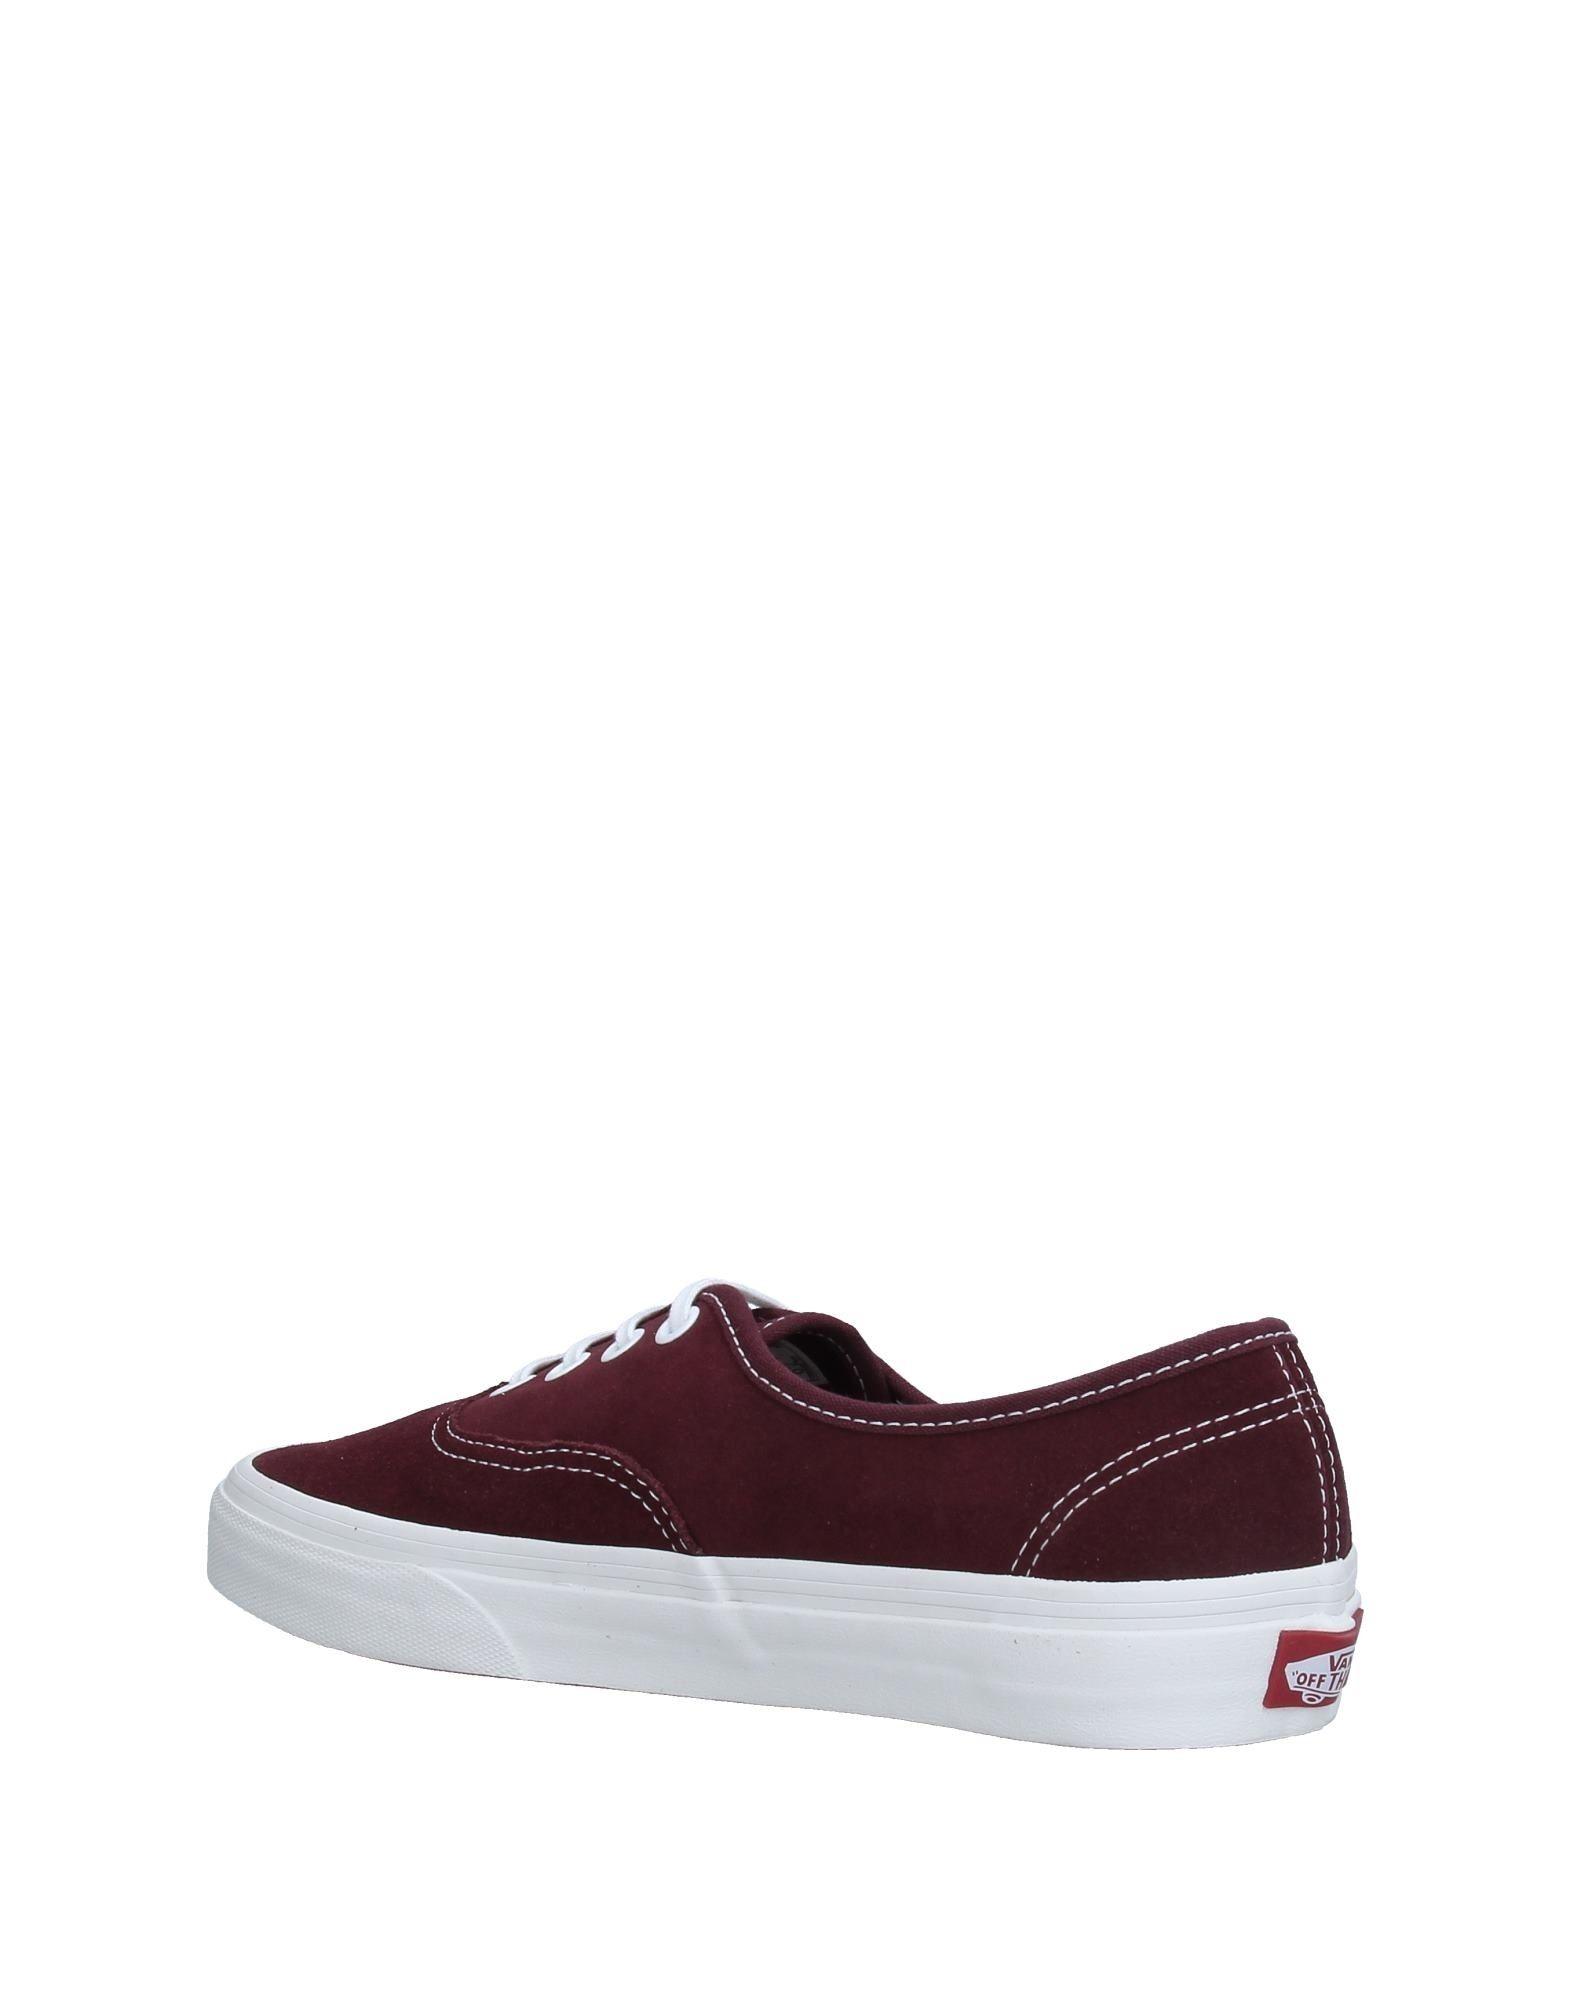 Vans Sneakers Damen  11234597AI db8ed7